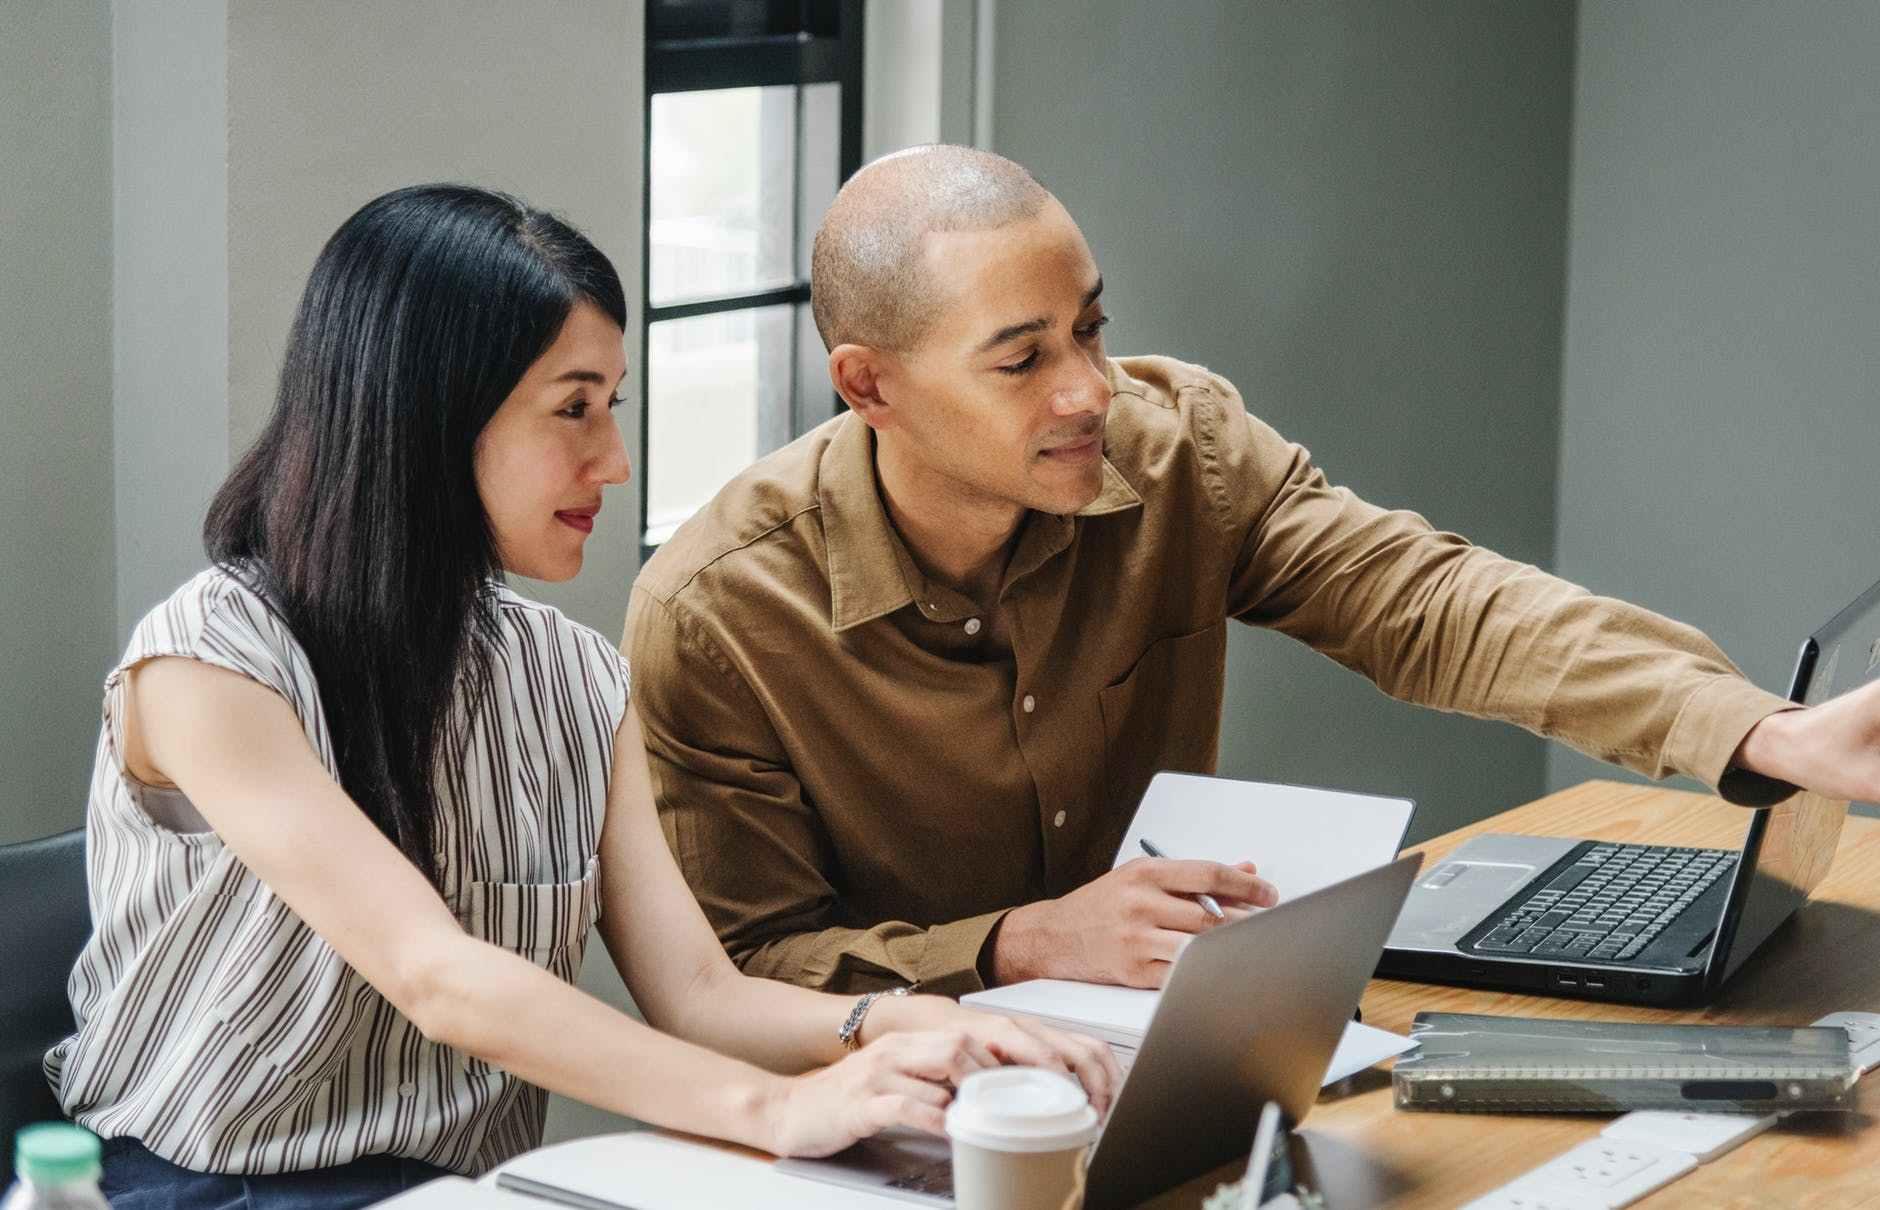 领导为什么想知道你对她的评价呢? 领导让分东西给同事